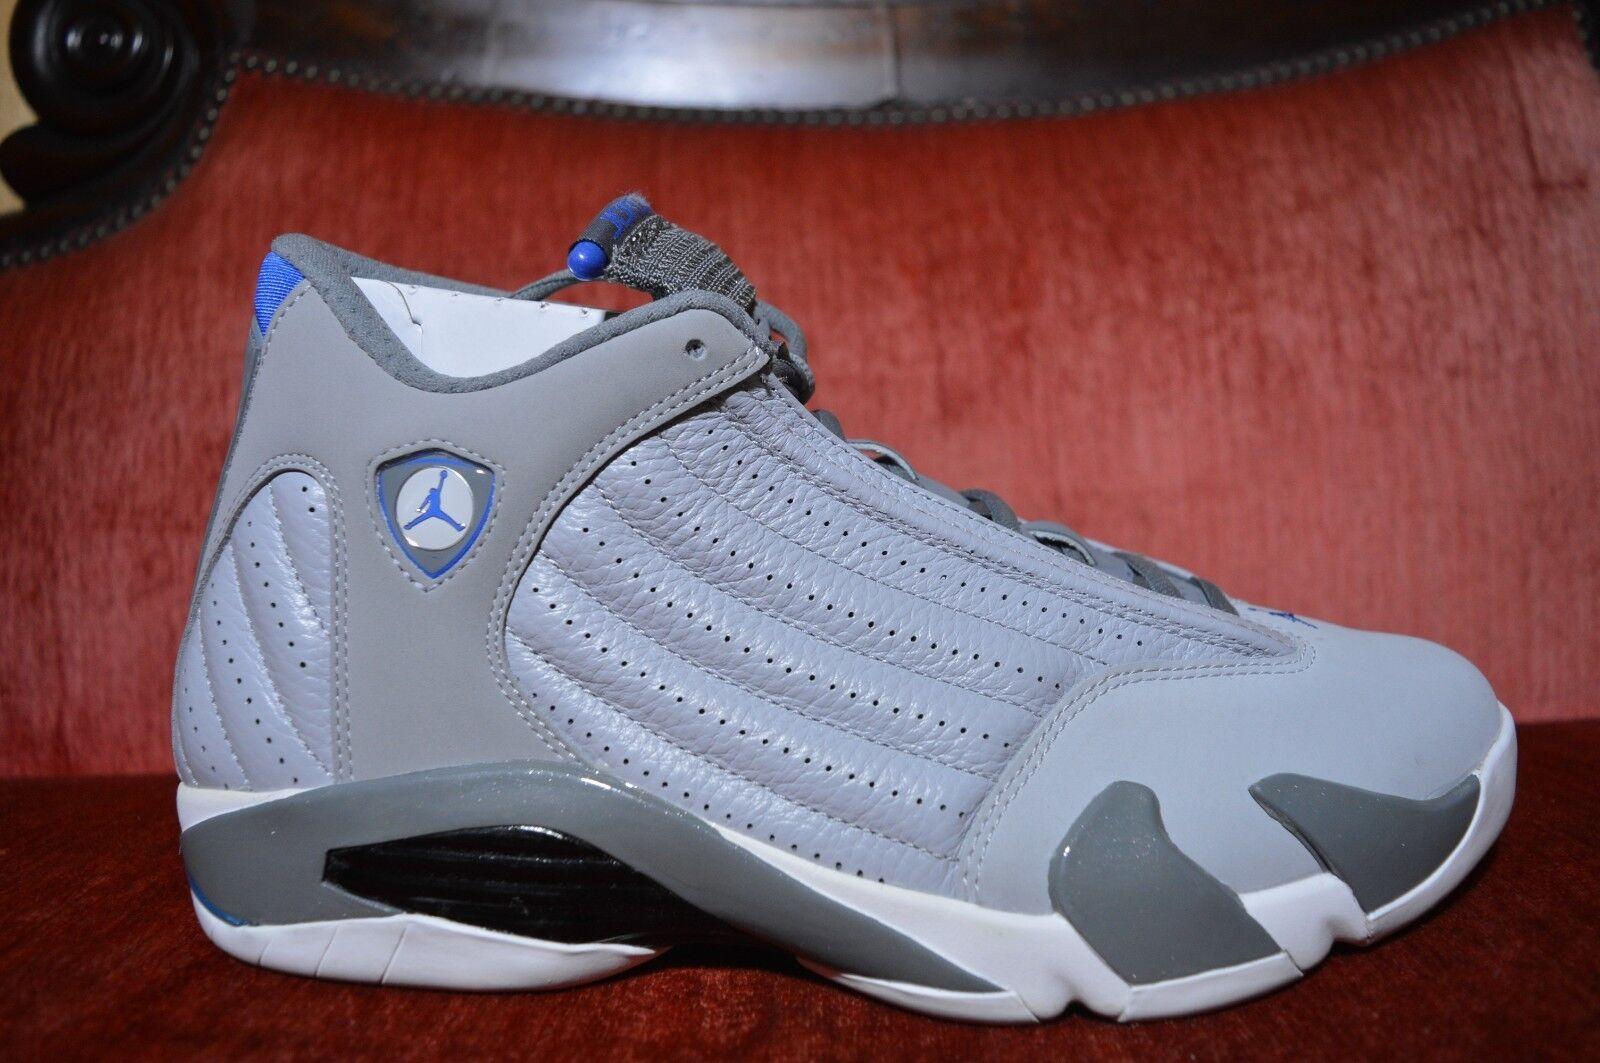 new concept 5e959 83309 ... gris lobo sport azul 487471 retro where to buy nike air jordan 14 xiv  retro 487471 gris lobo sport azul 487471 retro 004 comodo baratos zapatos  de mujer ...